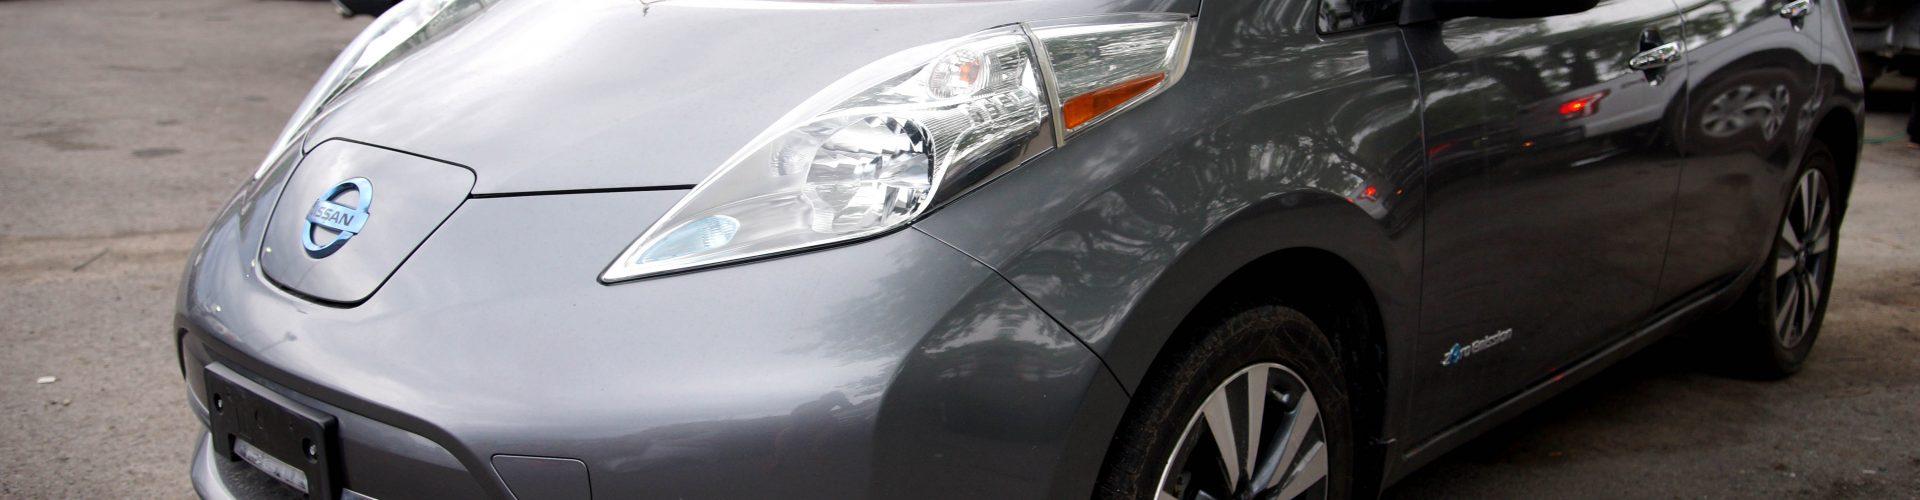 Nissan LEAF 2017 SV 36 250 Km – Seulement 17 950 $ avec la subvention – VENDUE